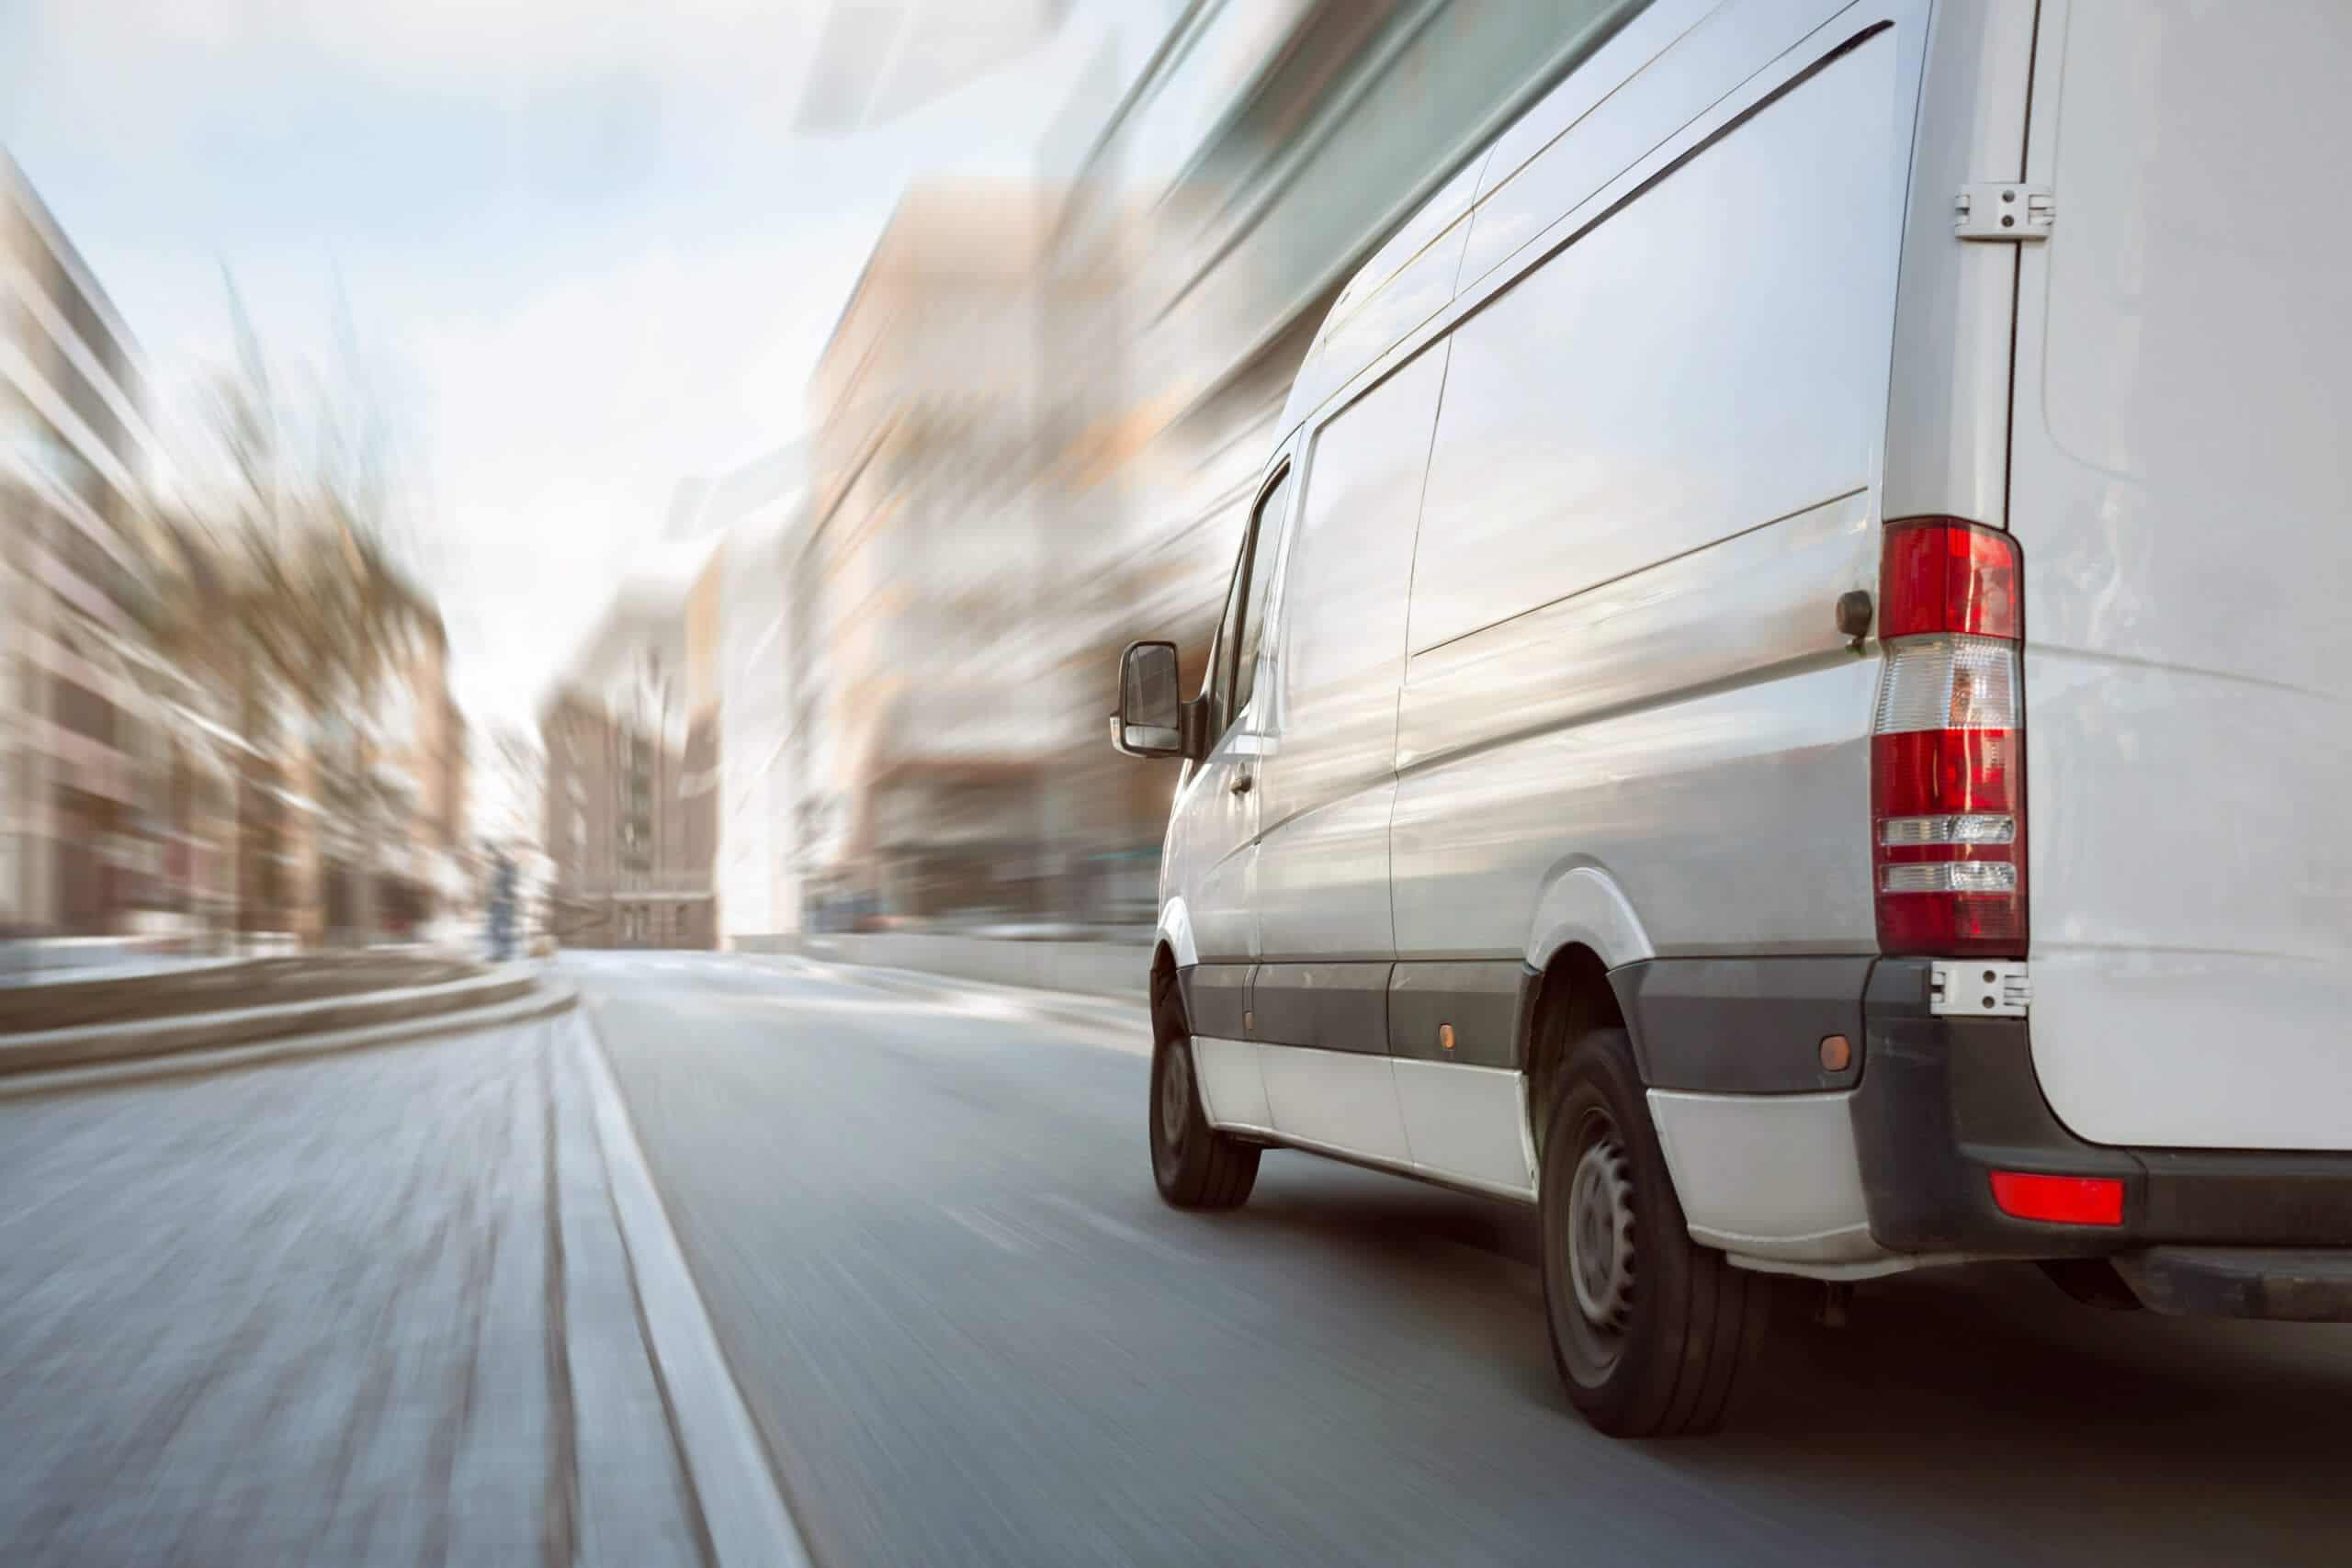 Formation capacité de transport léger de marchandises